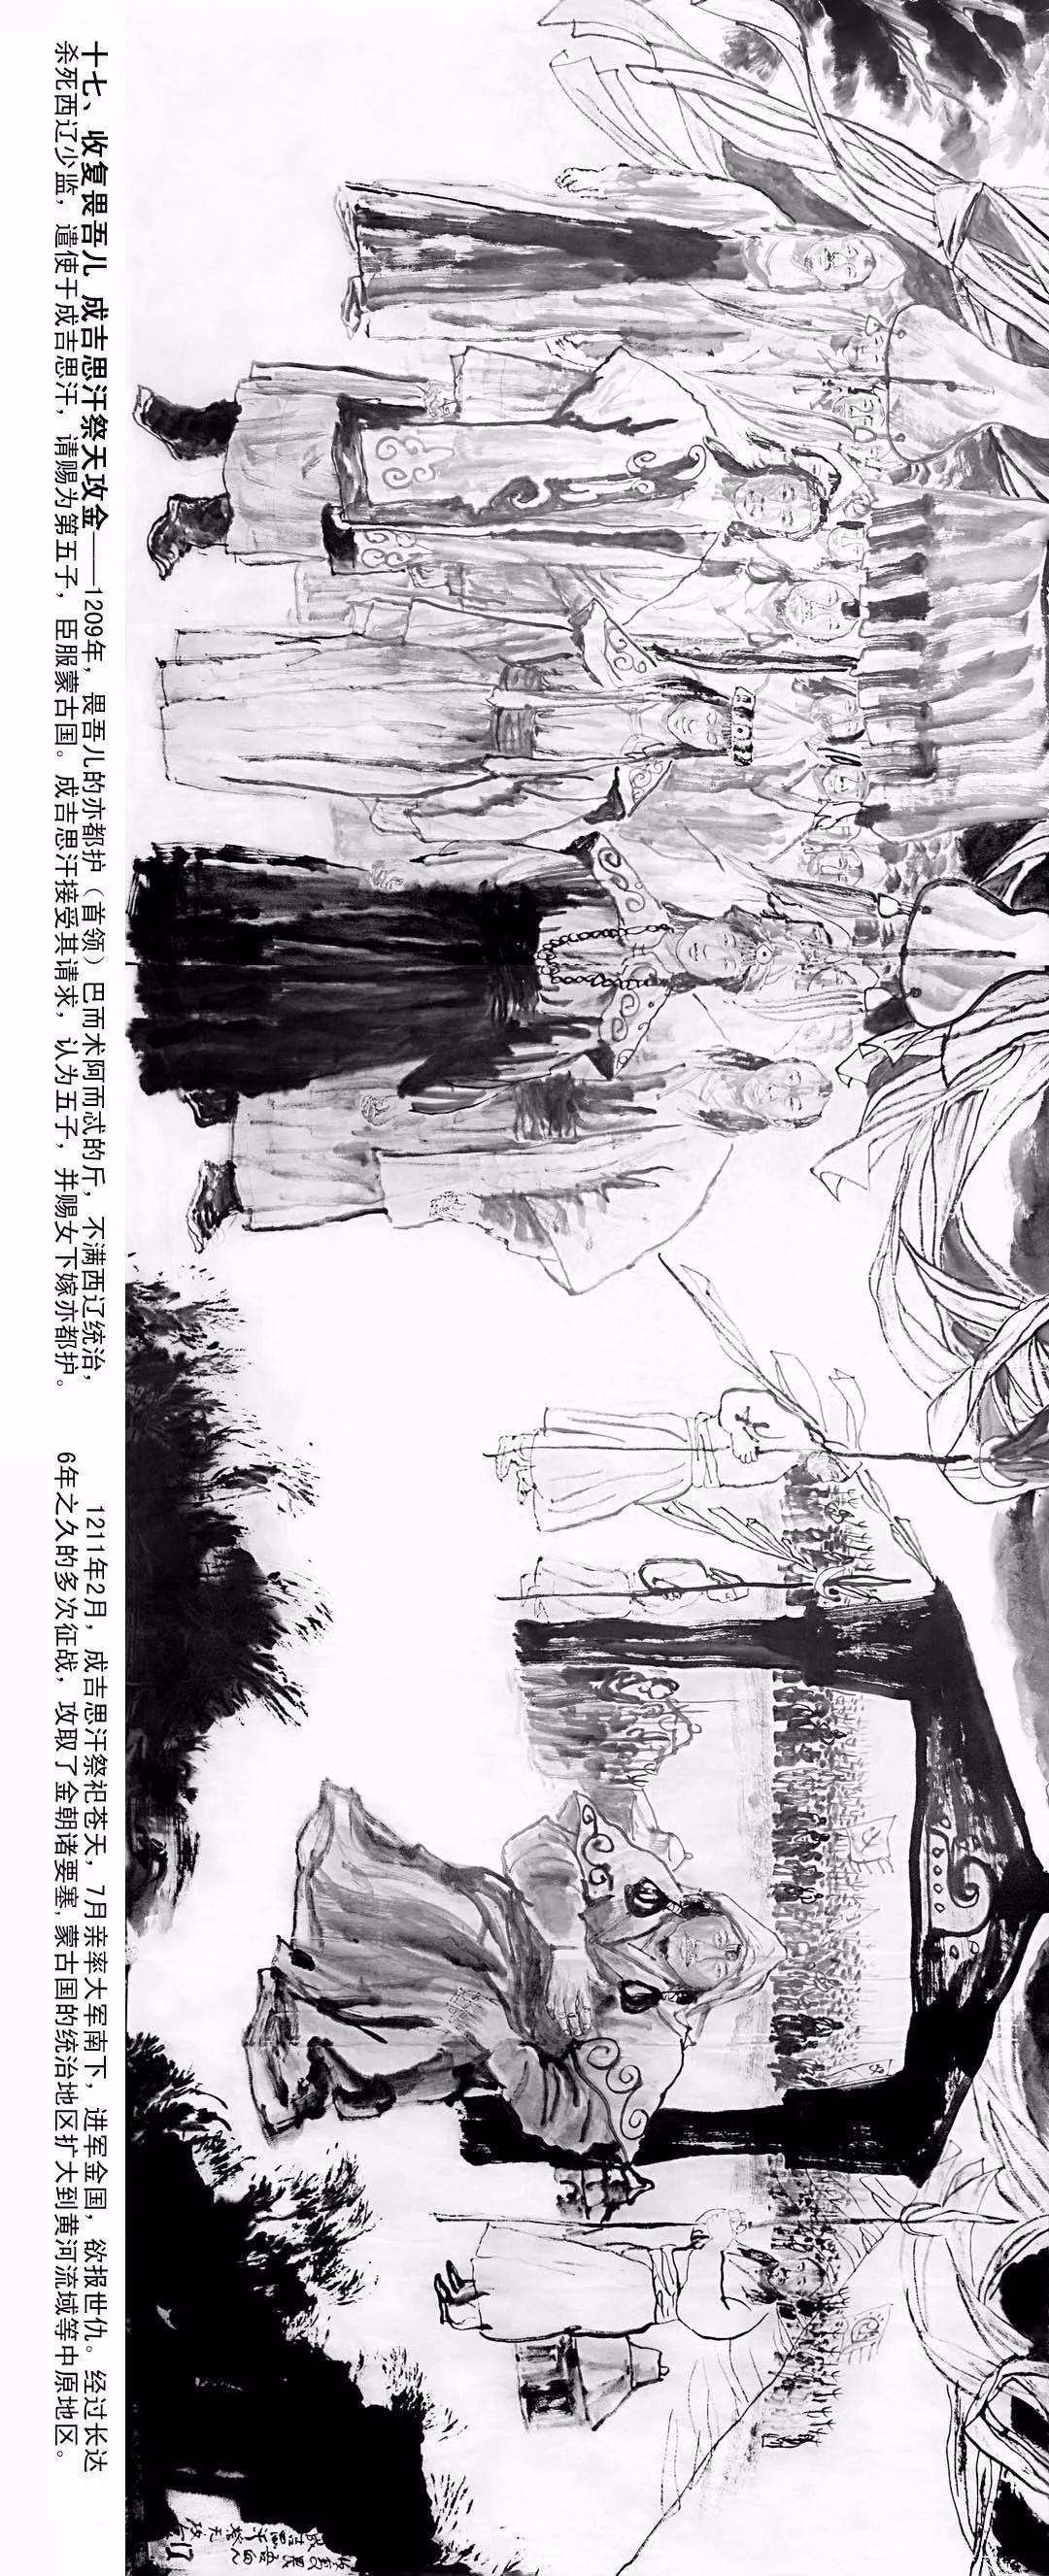 【经典】《蒙古魂》国画写意,大师所创,值得收藏。 第15张